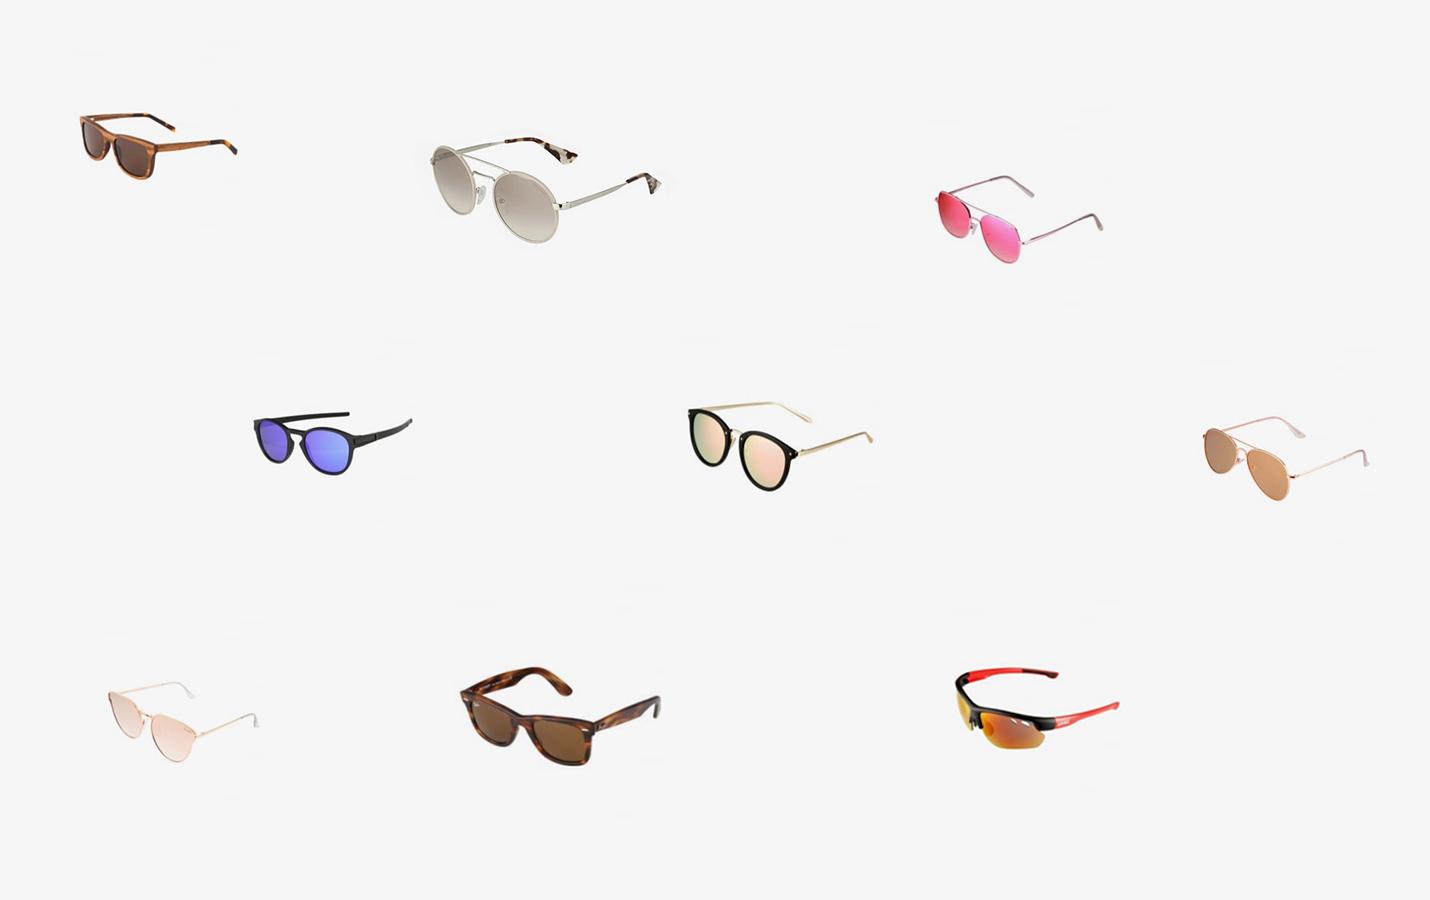 Zalando-occhiali